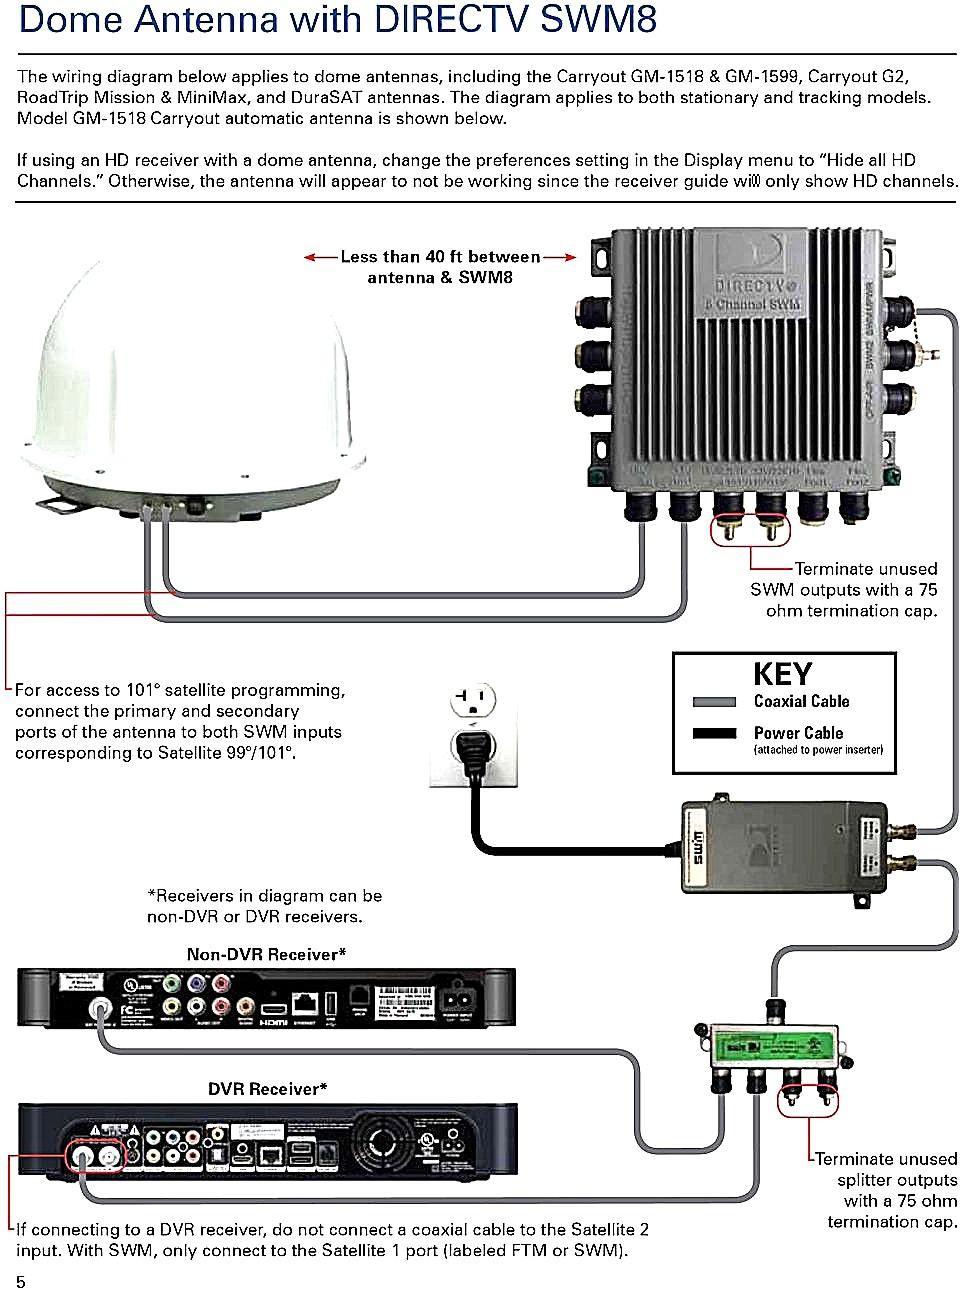 Directv Whole Home Dvr Setup Diagram